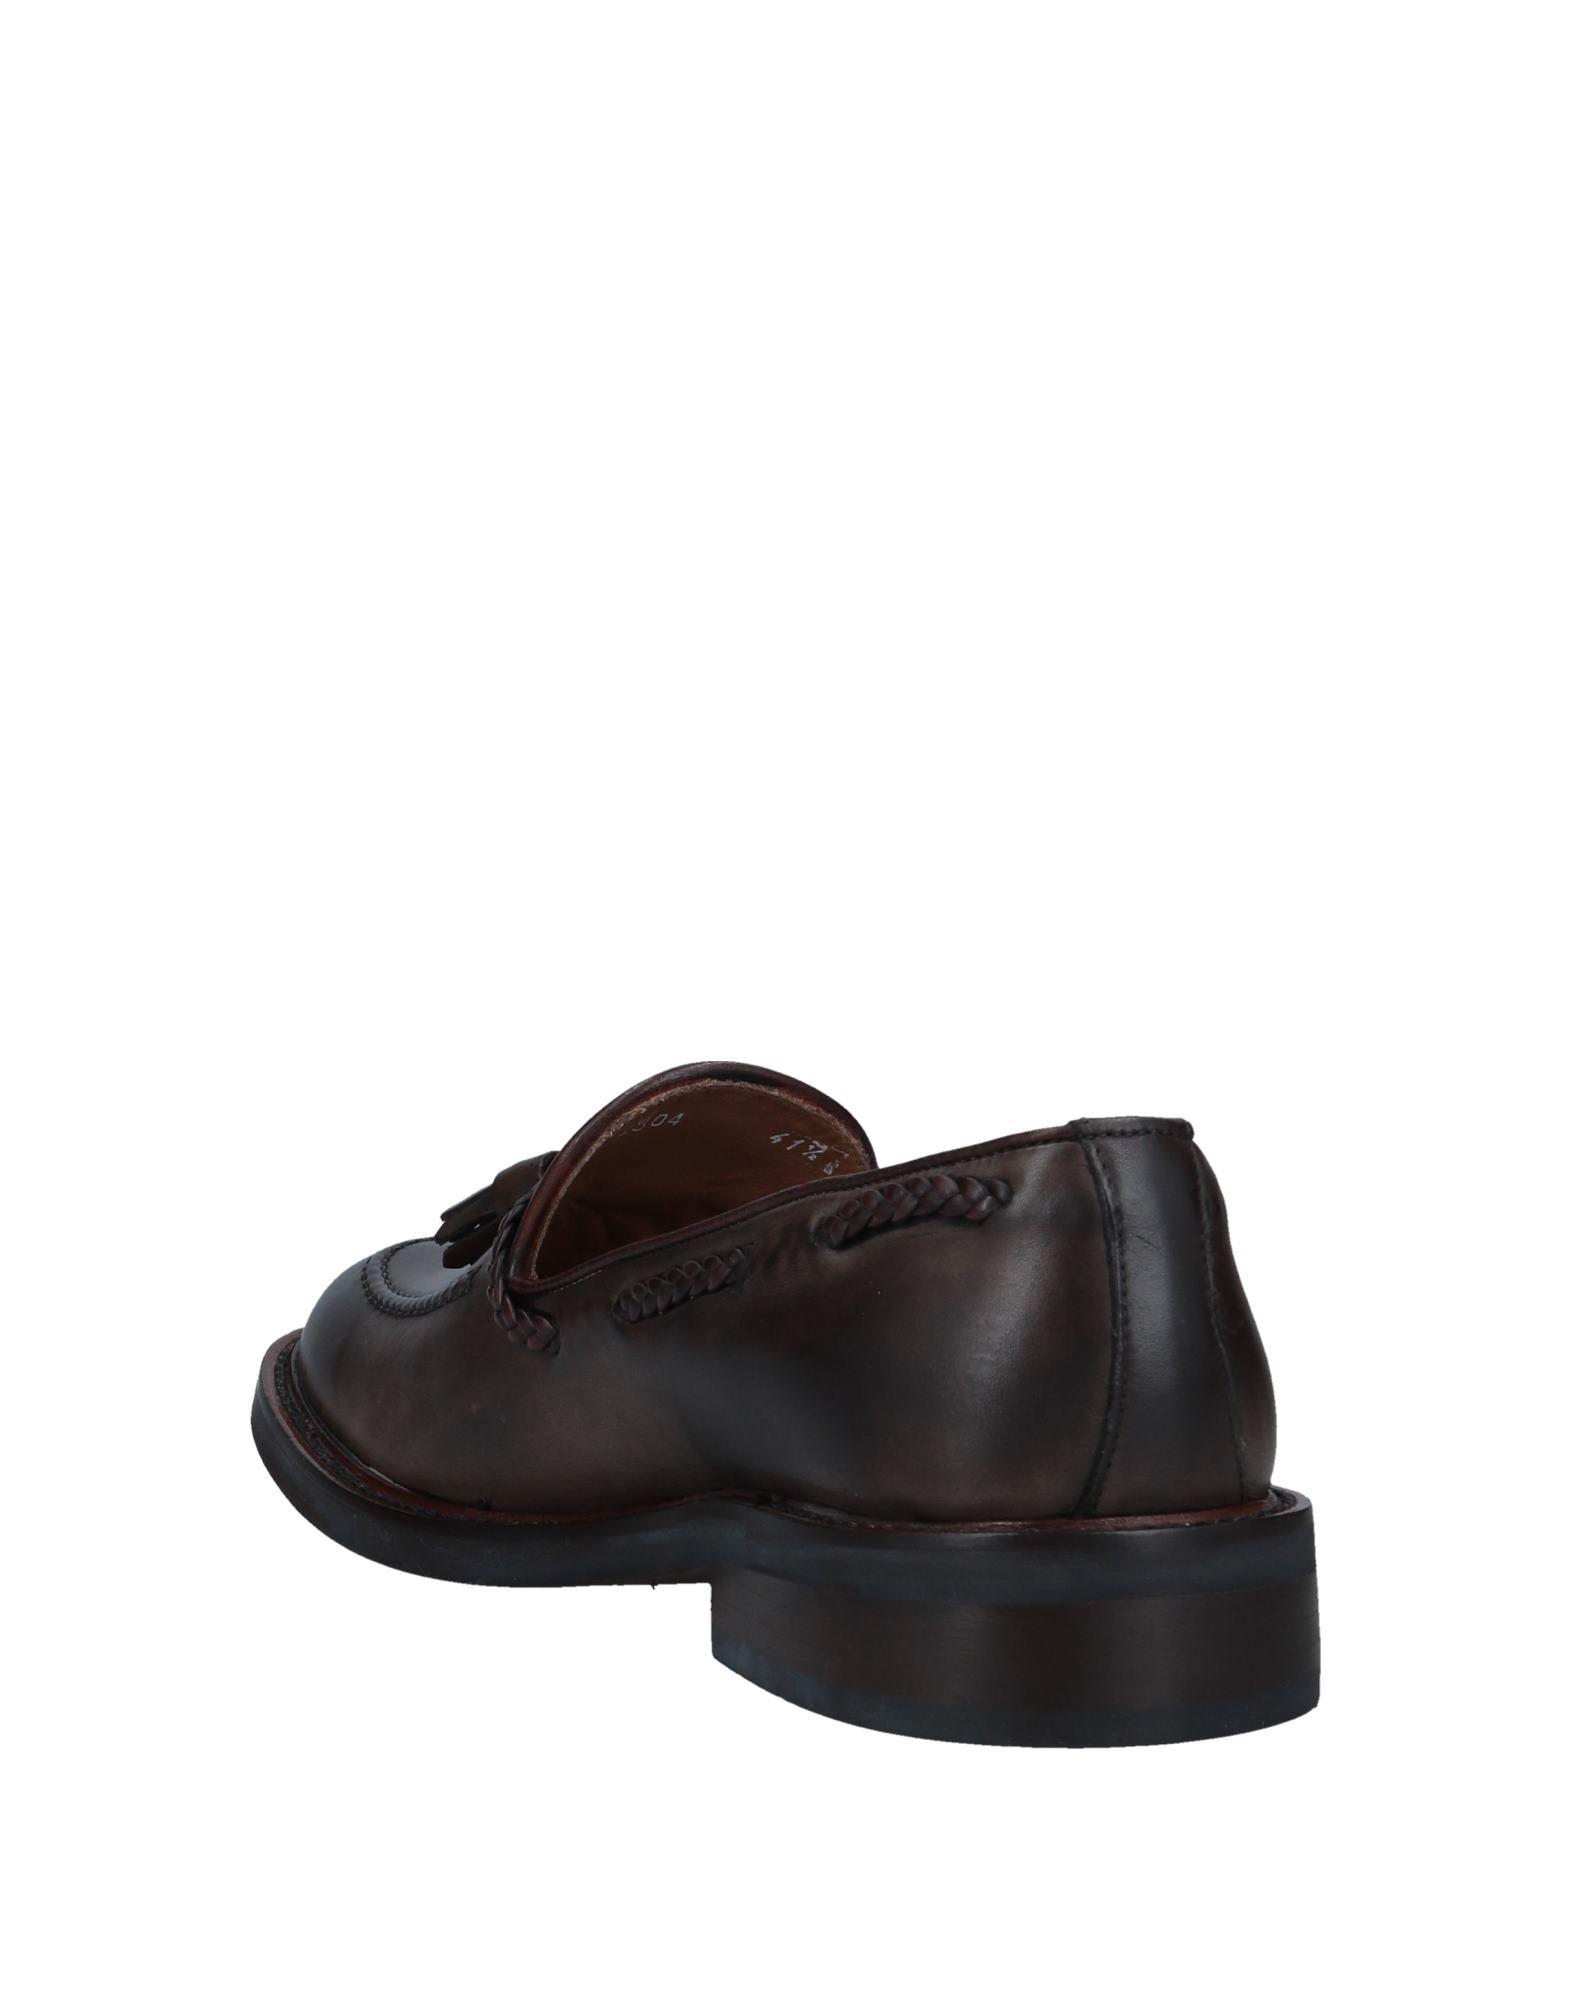 Baldinini Gute Mokassins Herren  11554224FB Gute Baldinini Qualität beliebte Schuhe 2086da